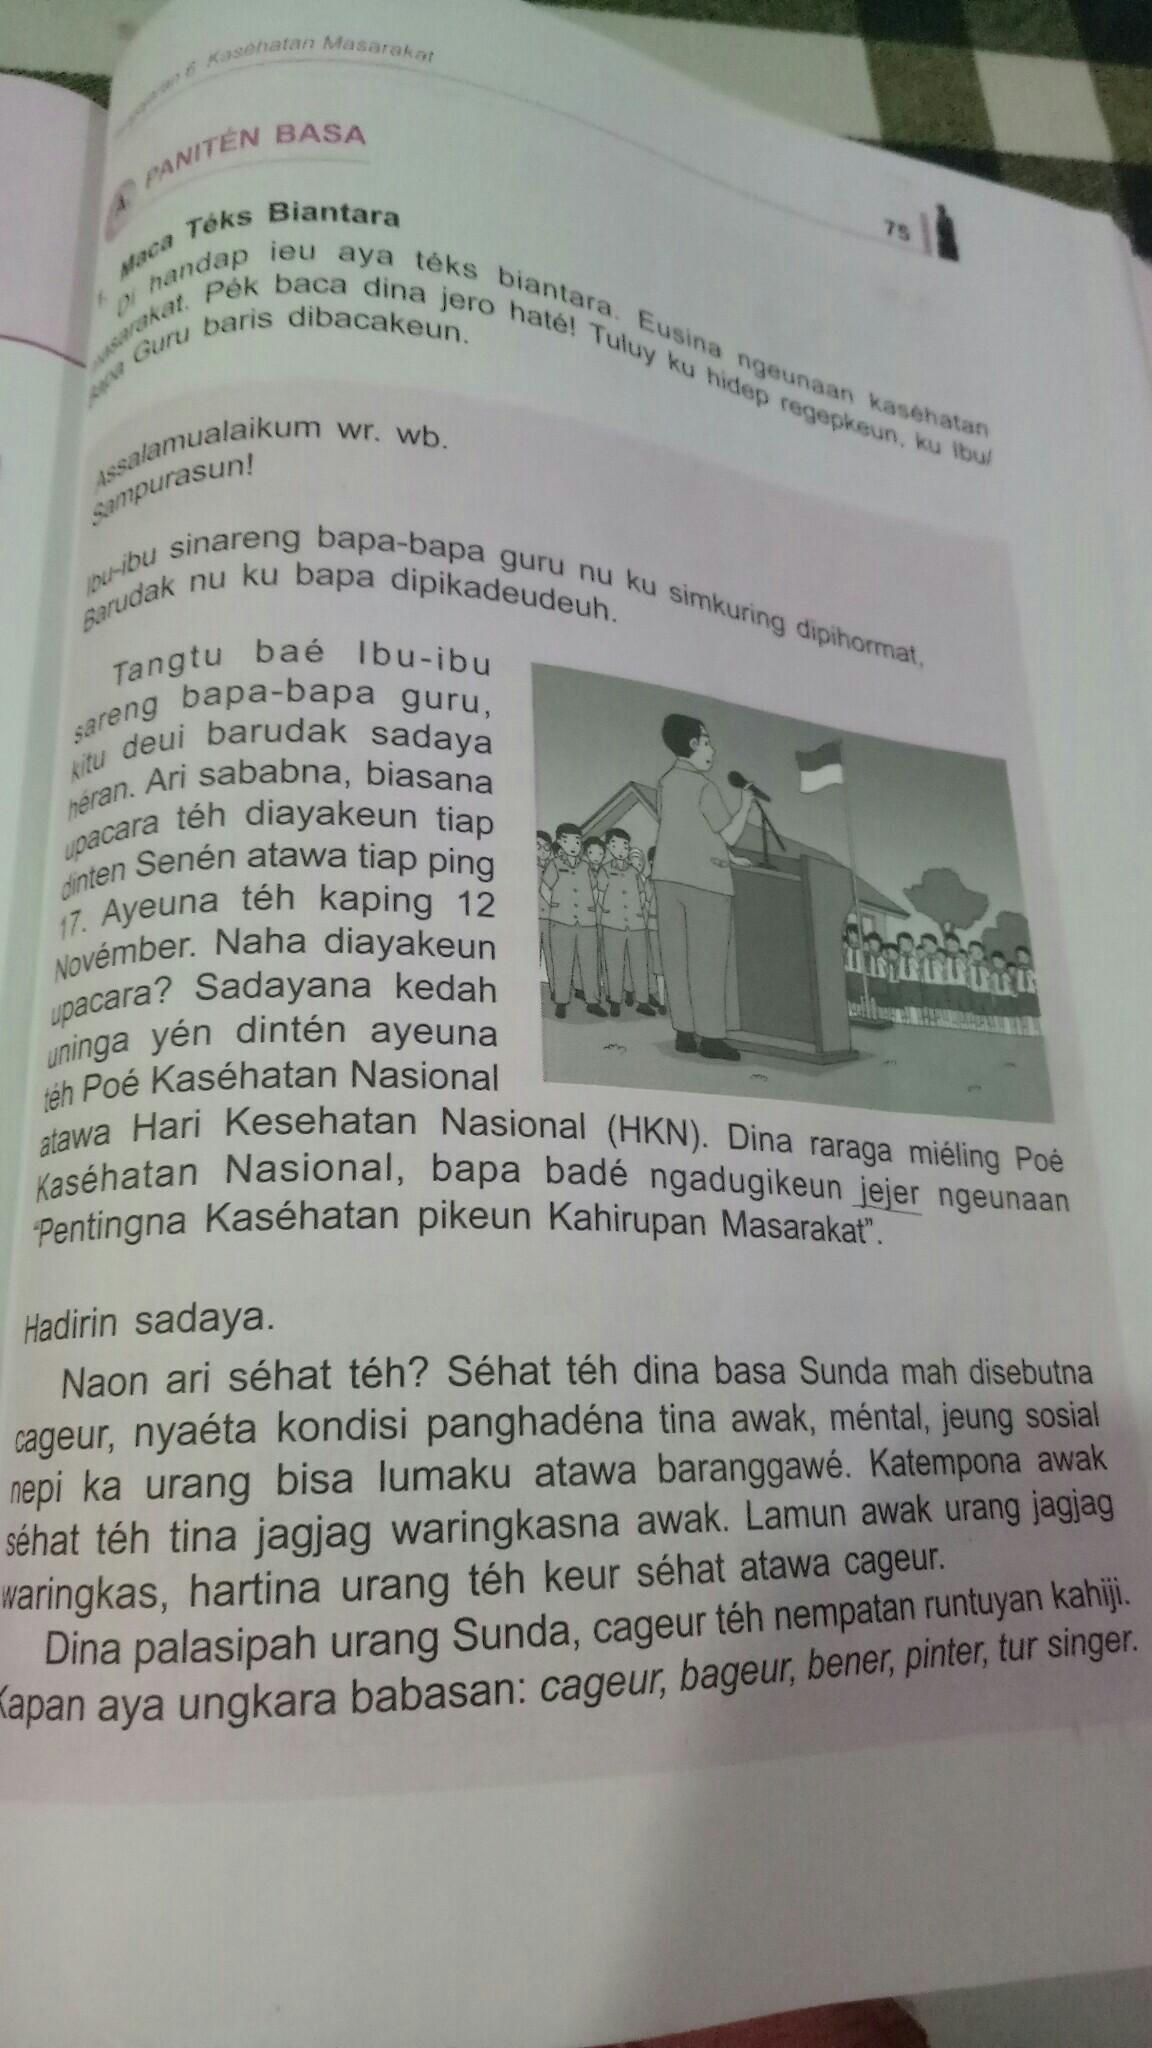 13+ Contoh Pidato Bahasa Sunda Singkat Terbaru dan